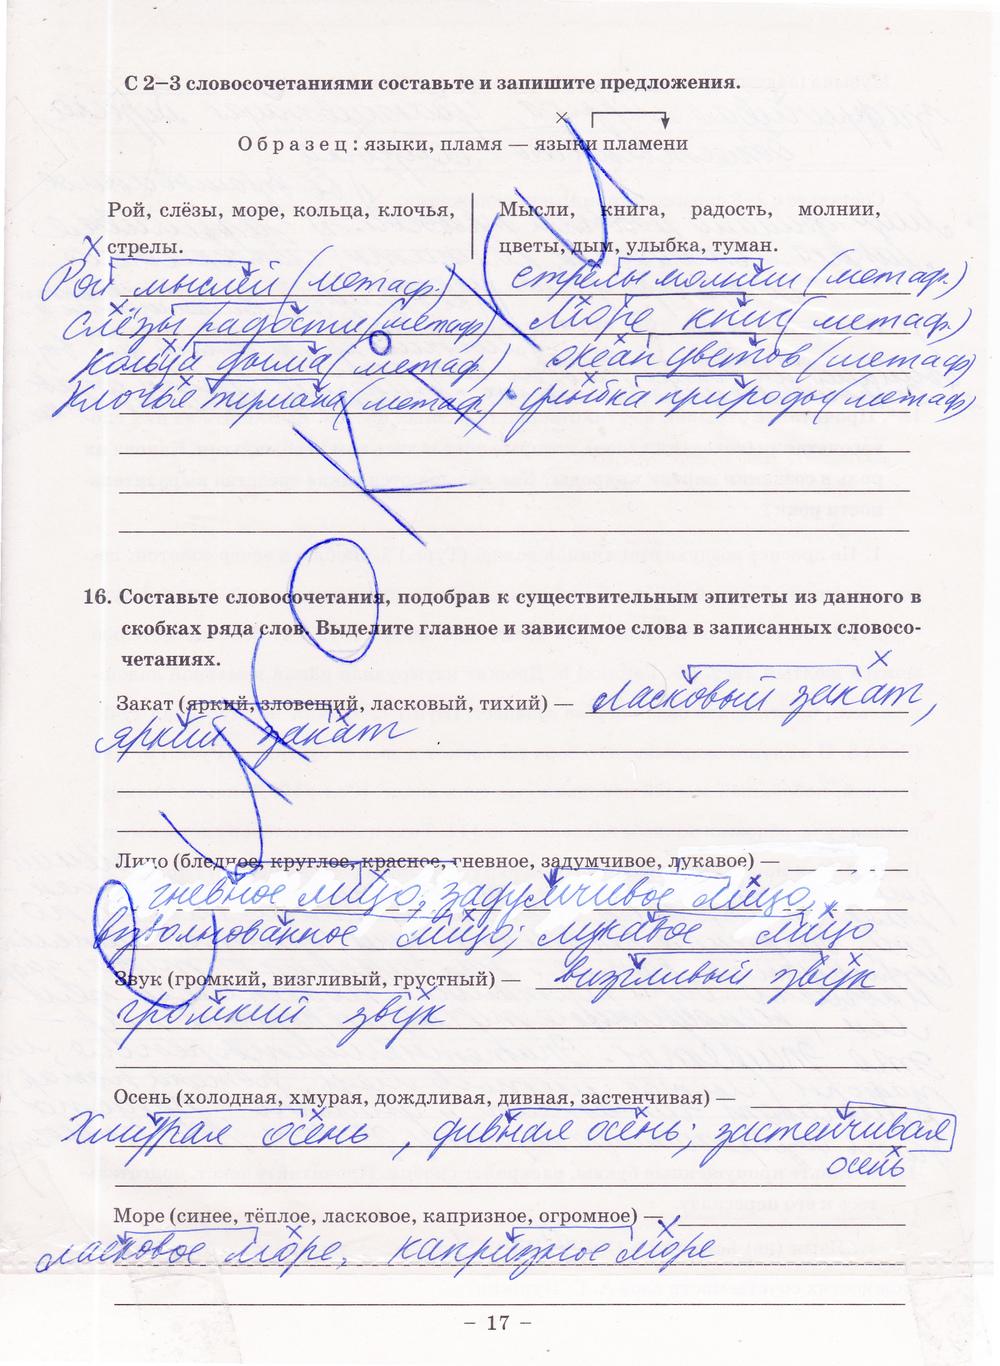 ГДЗ по русскому языку 8 класс рабочая тетрадь Богданова Часть 1, 2. Задание: стр. 17